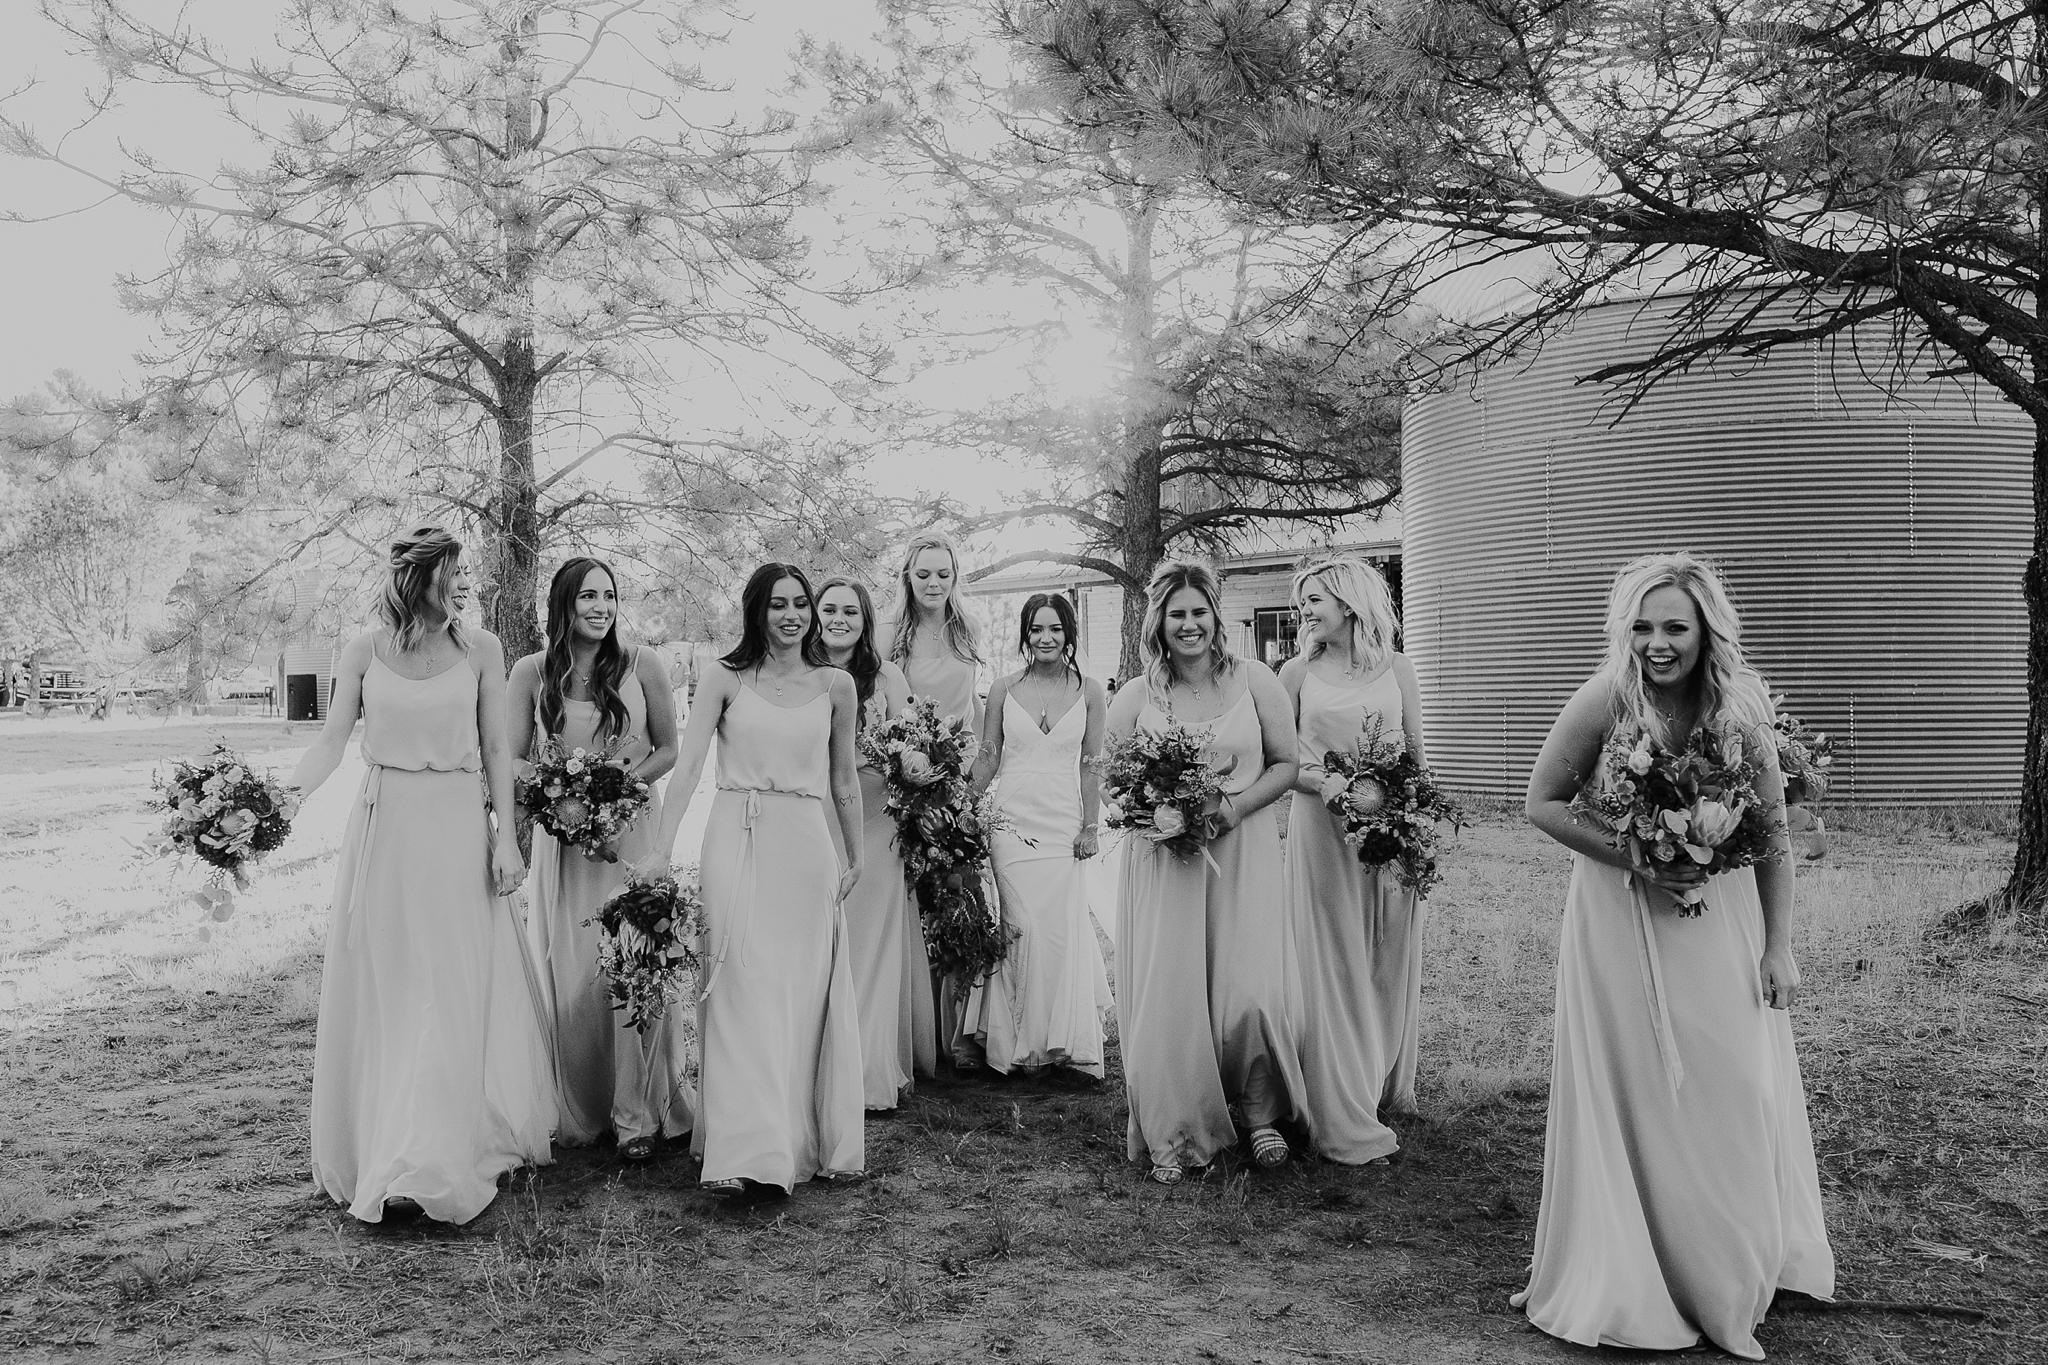 Alicia+lucia+photography+-+albuquerque+wedding+photographer+-+santa+fe+wedding+photography+-+new+mexico+wedding+photographer+-+new+mexico+wedding+-+new+mexico+wedding+-+barn+wedding+-+enchanted+vine+barn+wedding+-+ruidoso+wedding_0121.jpg